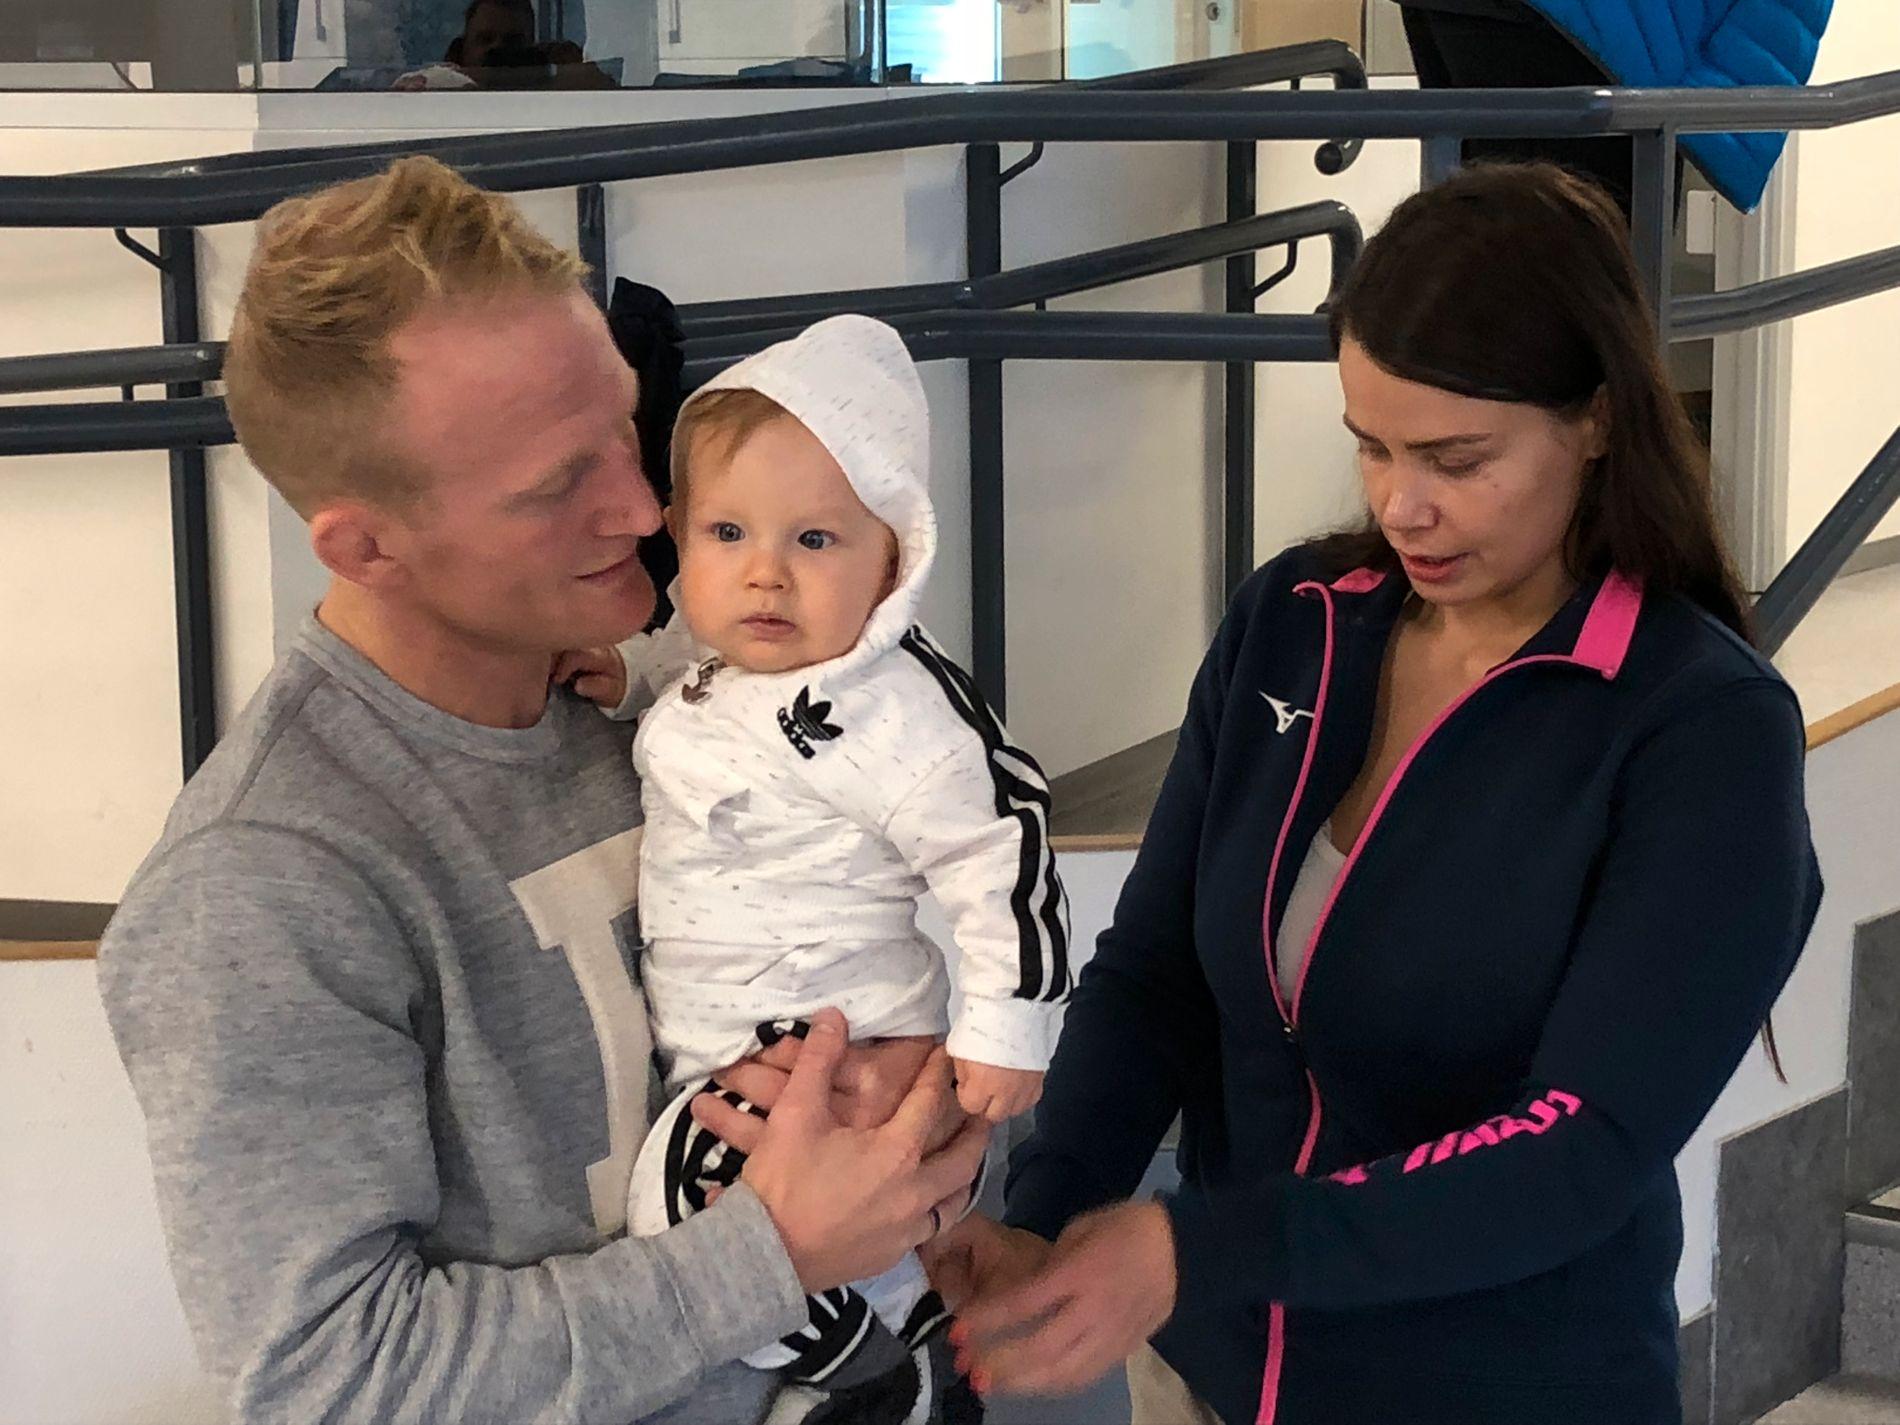 «LILLEGULLET»: Stig-André Berge viser stolt frem sønnen Nicklas, som var med på slutten av treningsøkten sammen med mamma Rosell Utne Berge.